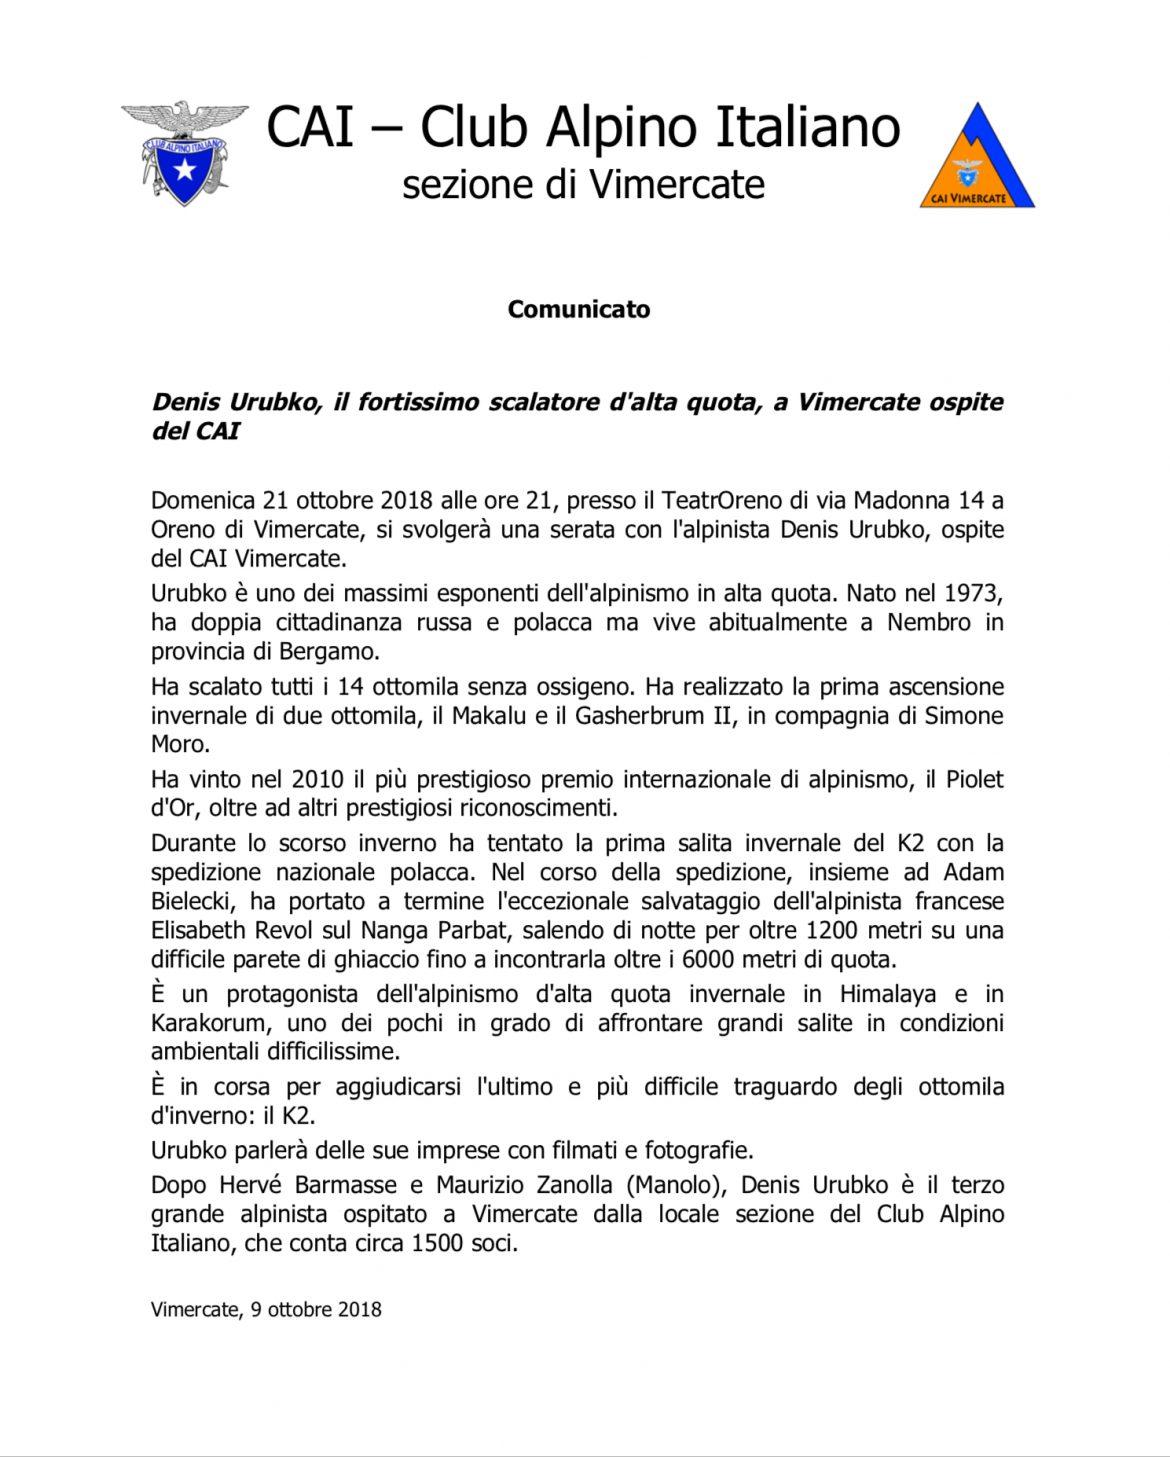 SERATA DI GRANDE ALPINISMO: DENIS URUBKO ospite del CaiVimercate